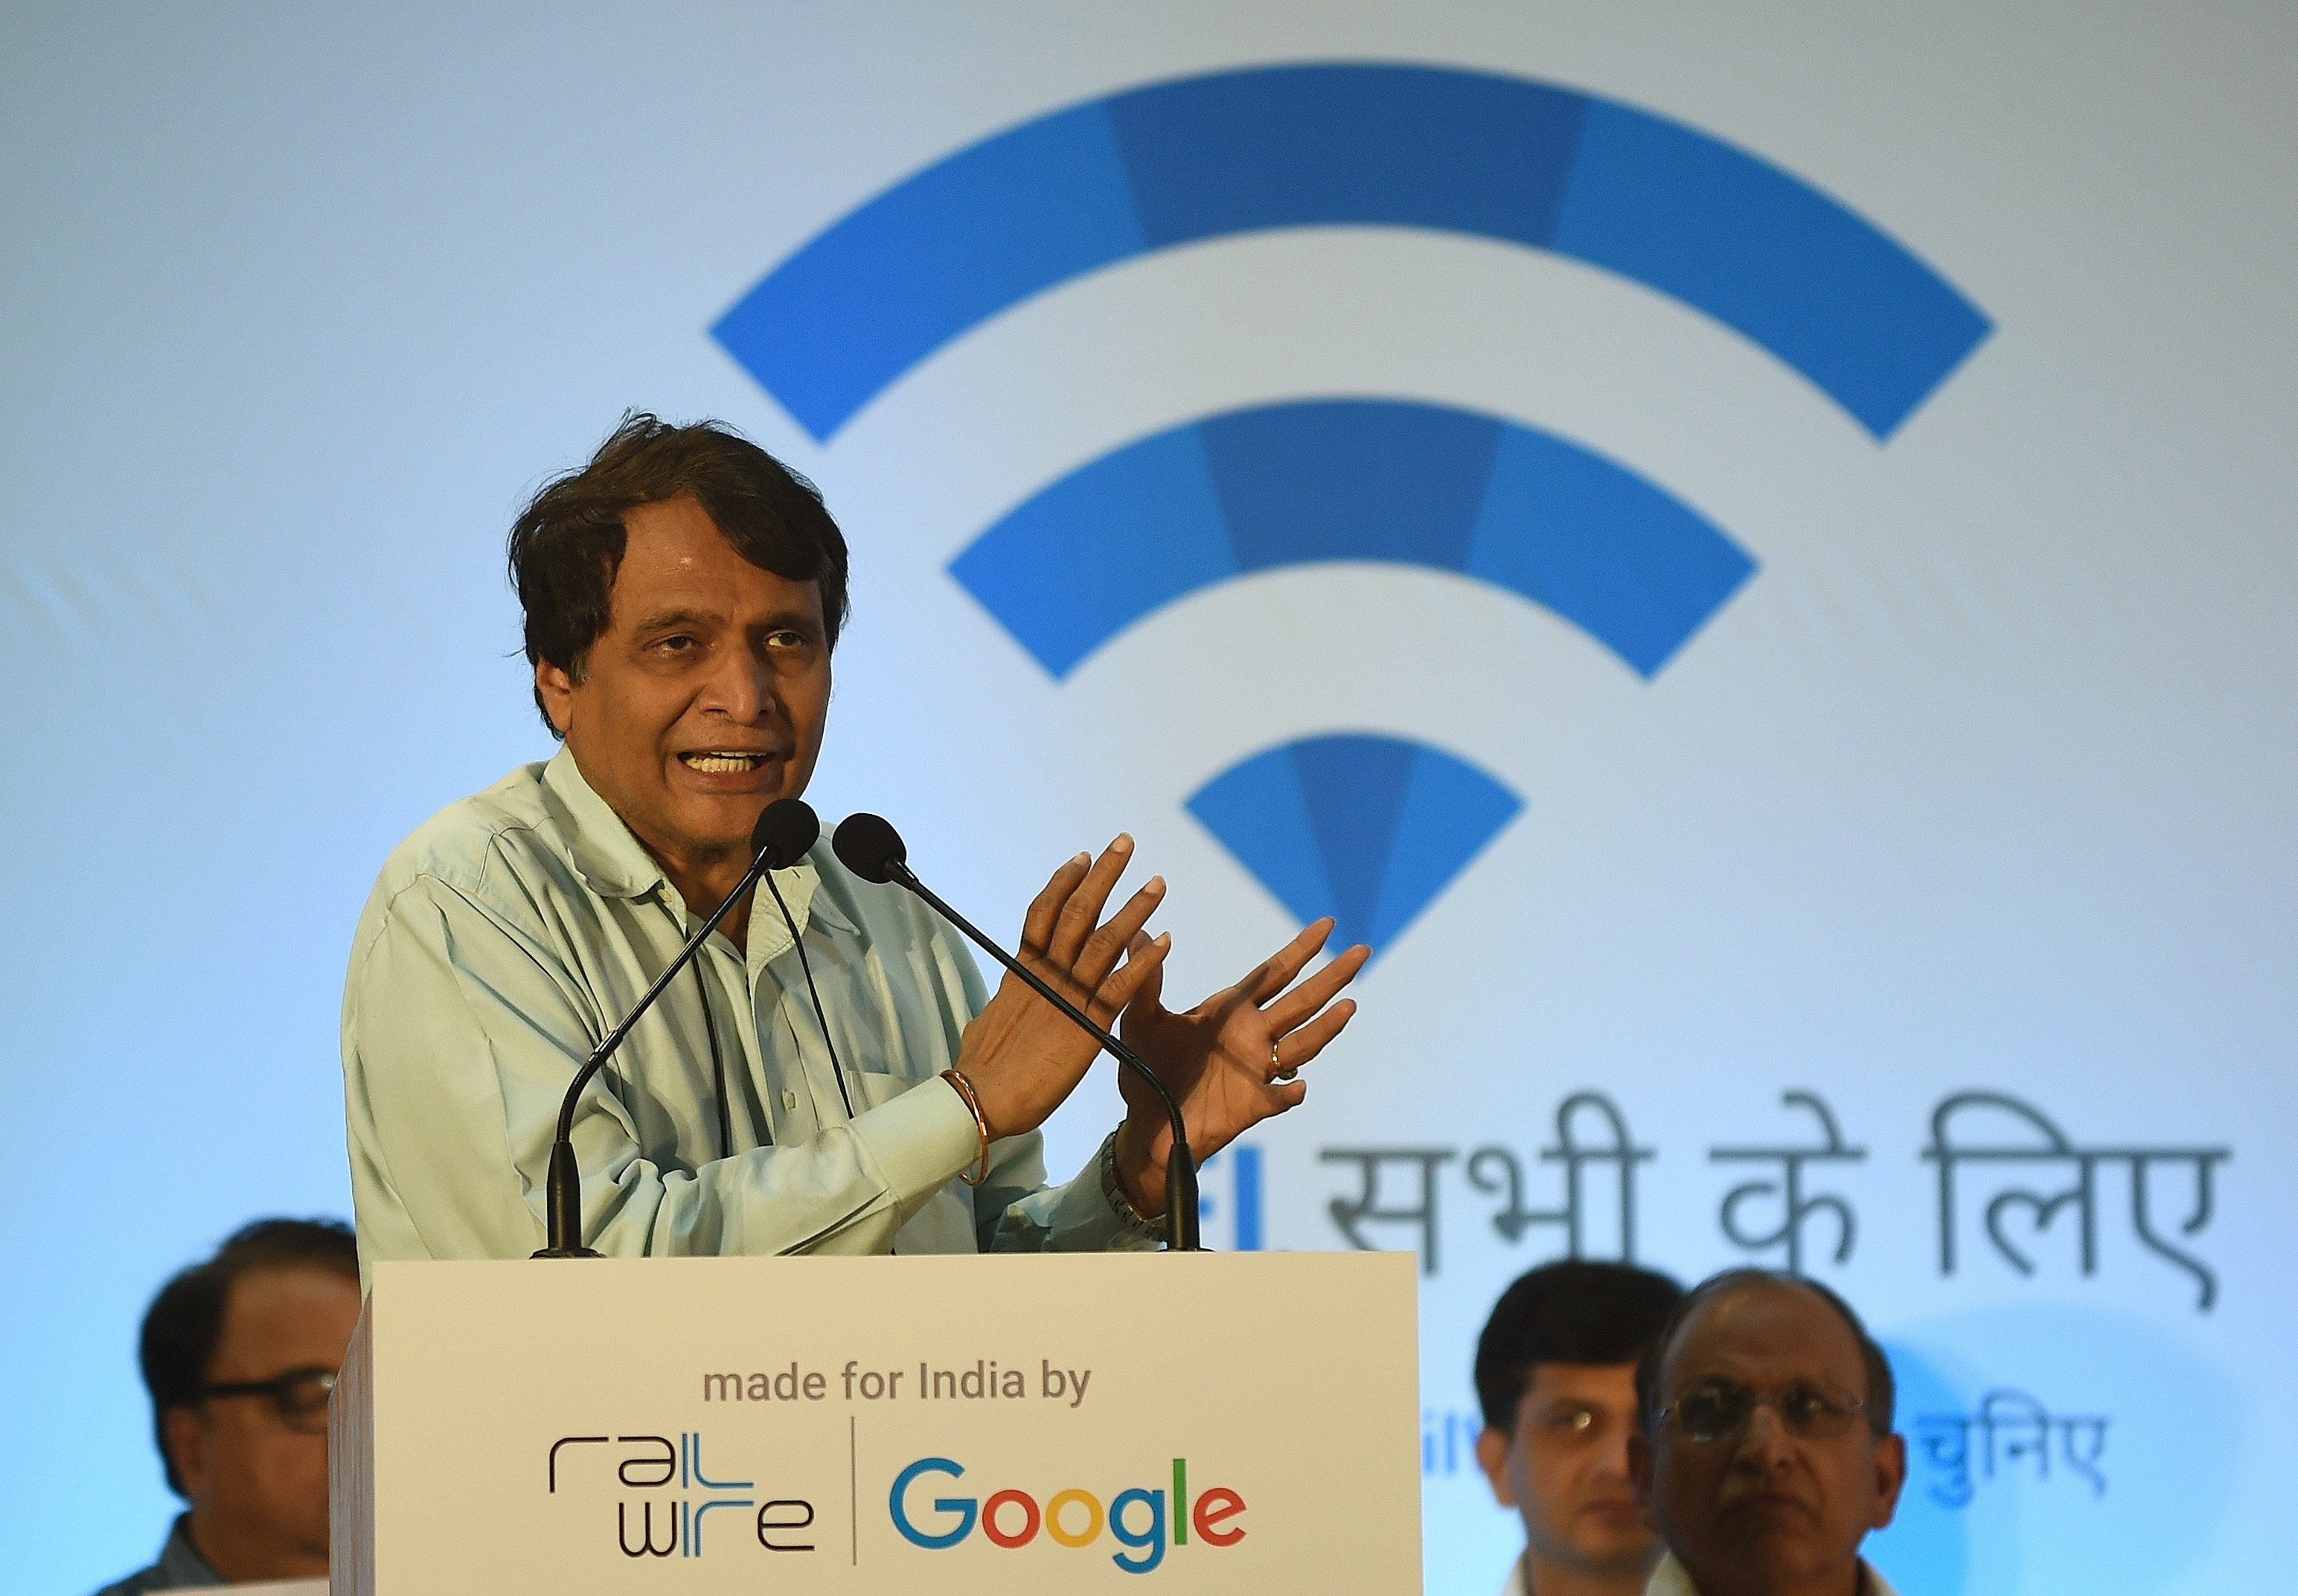 google free wifi railways